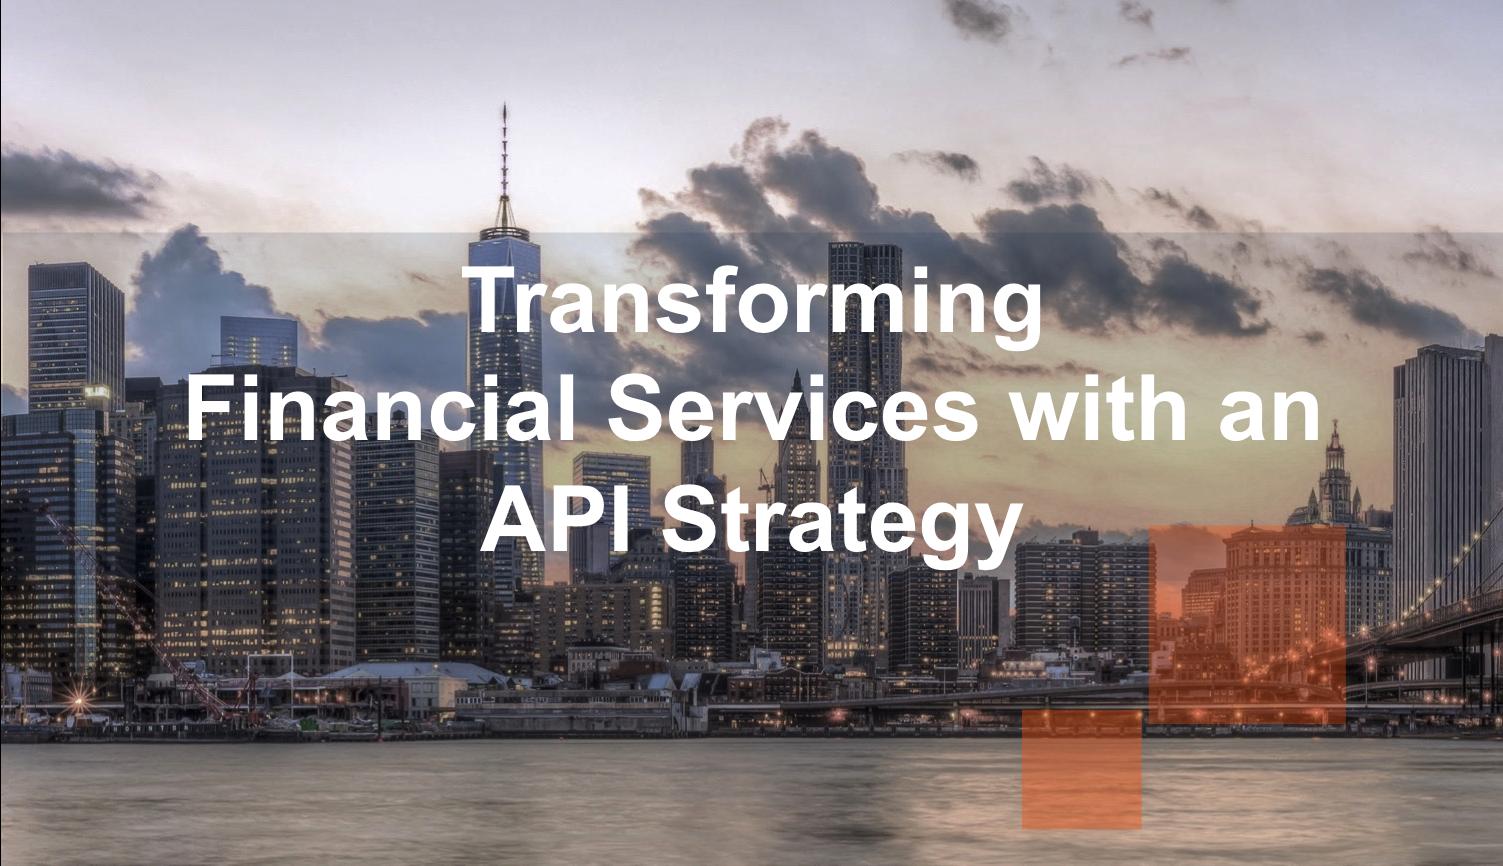 TransformingFinancialServicesAPI.png